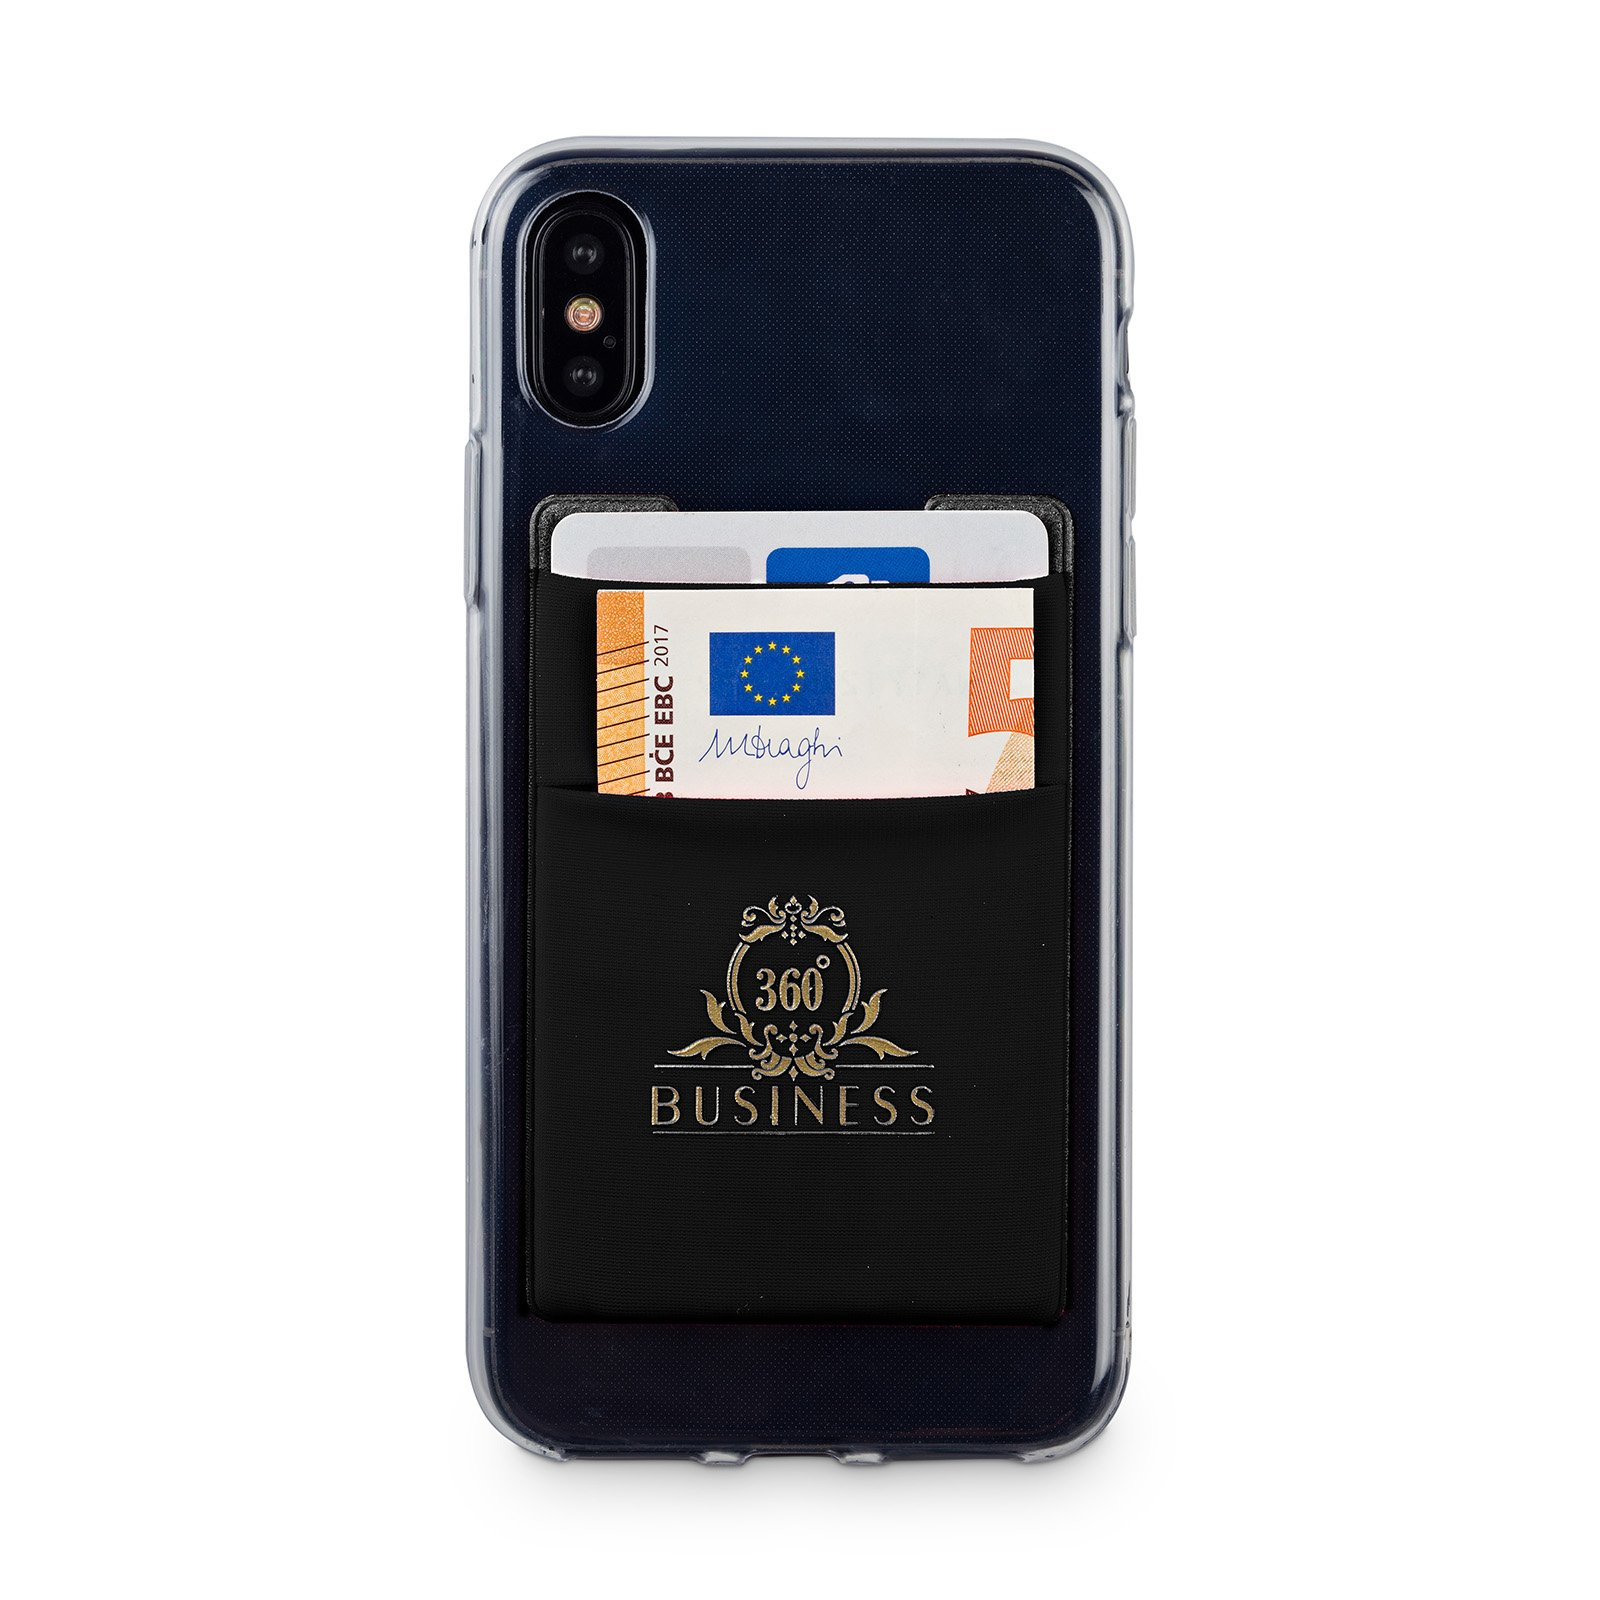 Handy Kartenhalter I Smartphone Kreditkartenhalter Geldbörse I Handy Zubehör I klebende Handyhülle I Phone Wallet I Kartenhülle I Handytasche I Wallet Handy I Hülle für Ausweis, Kreditkarte (Schwarz)